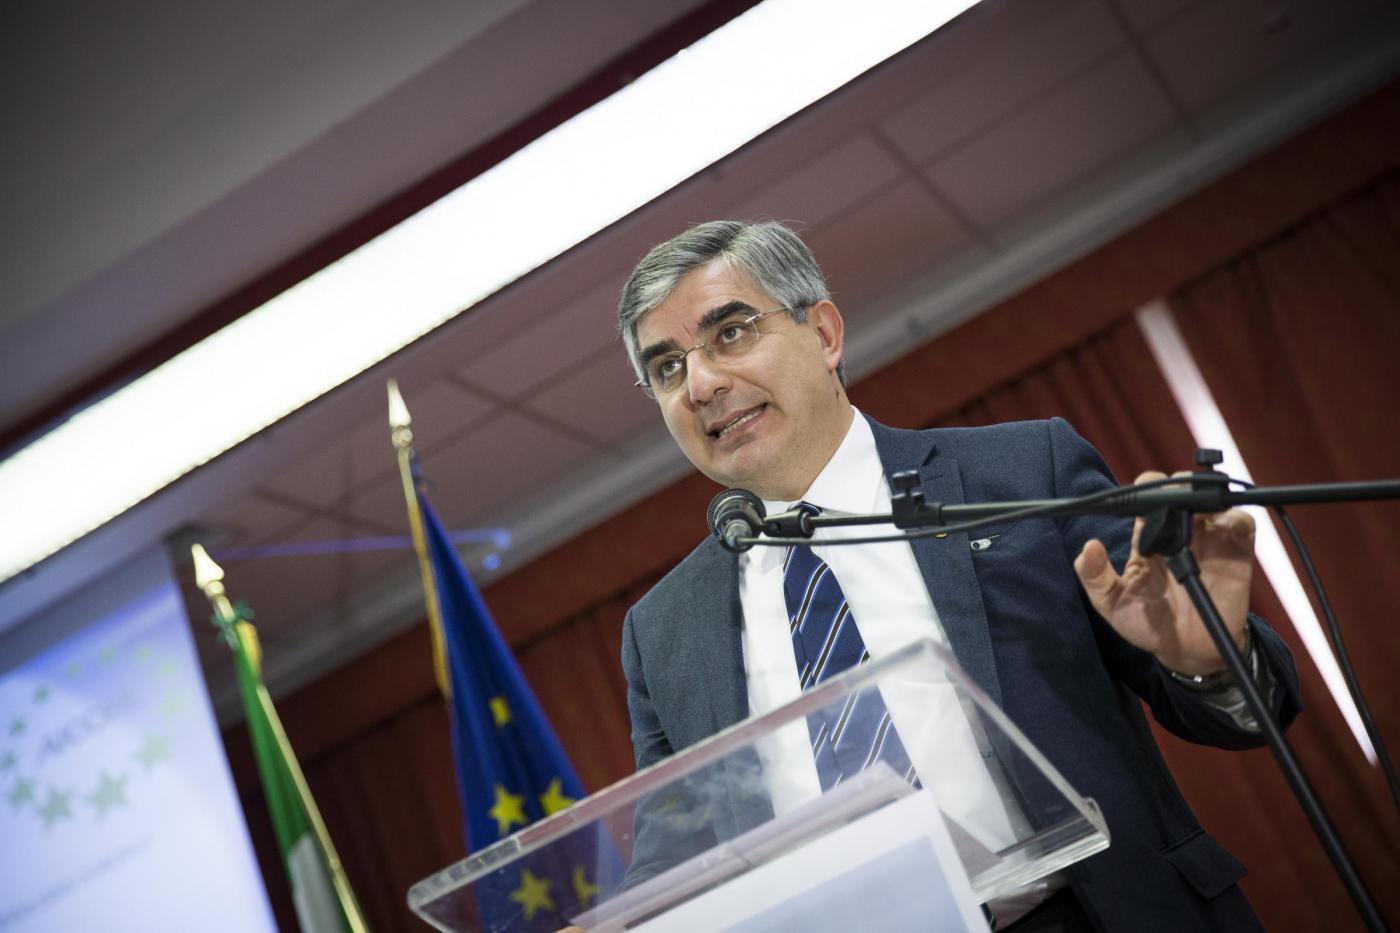 La Regione Abruzzo cerca pensionati disposti a lavorare gratis